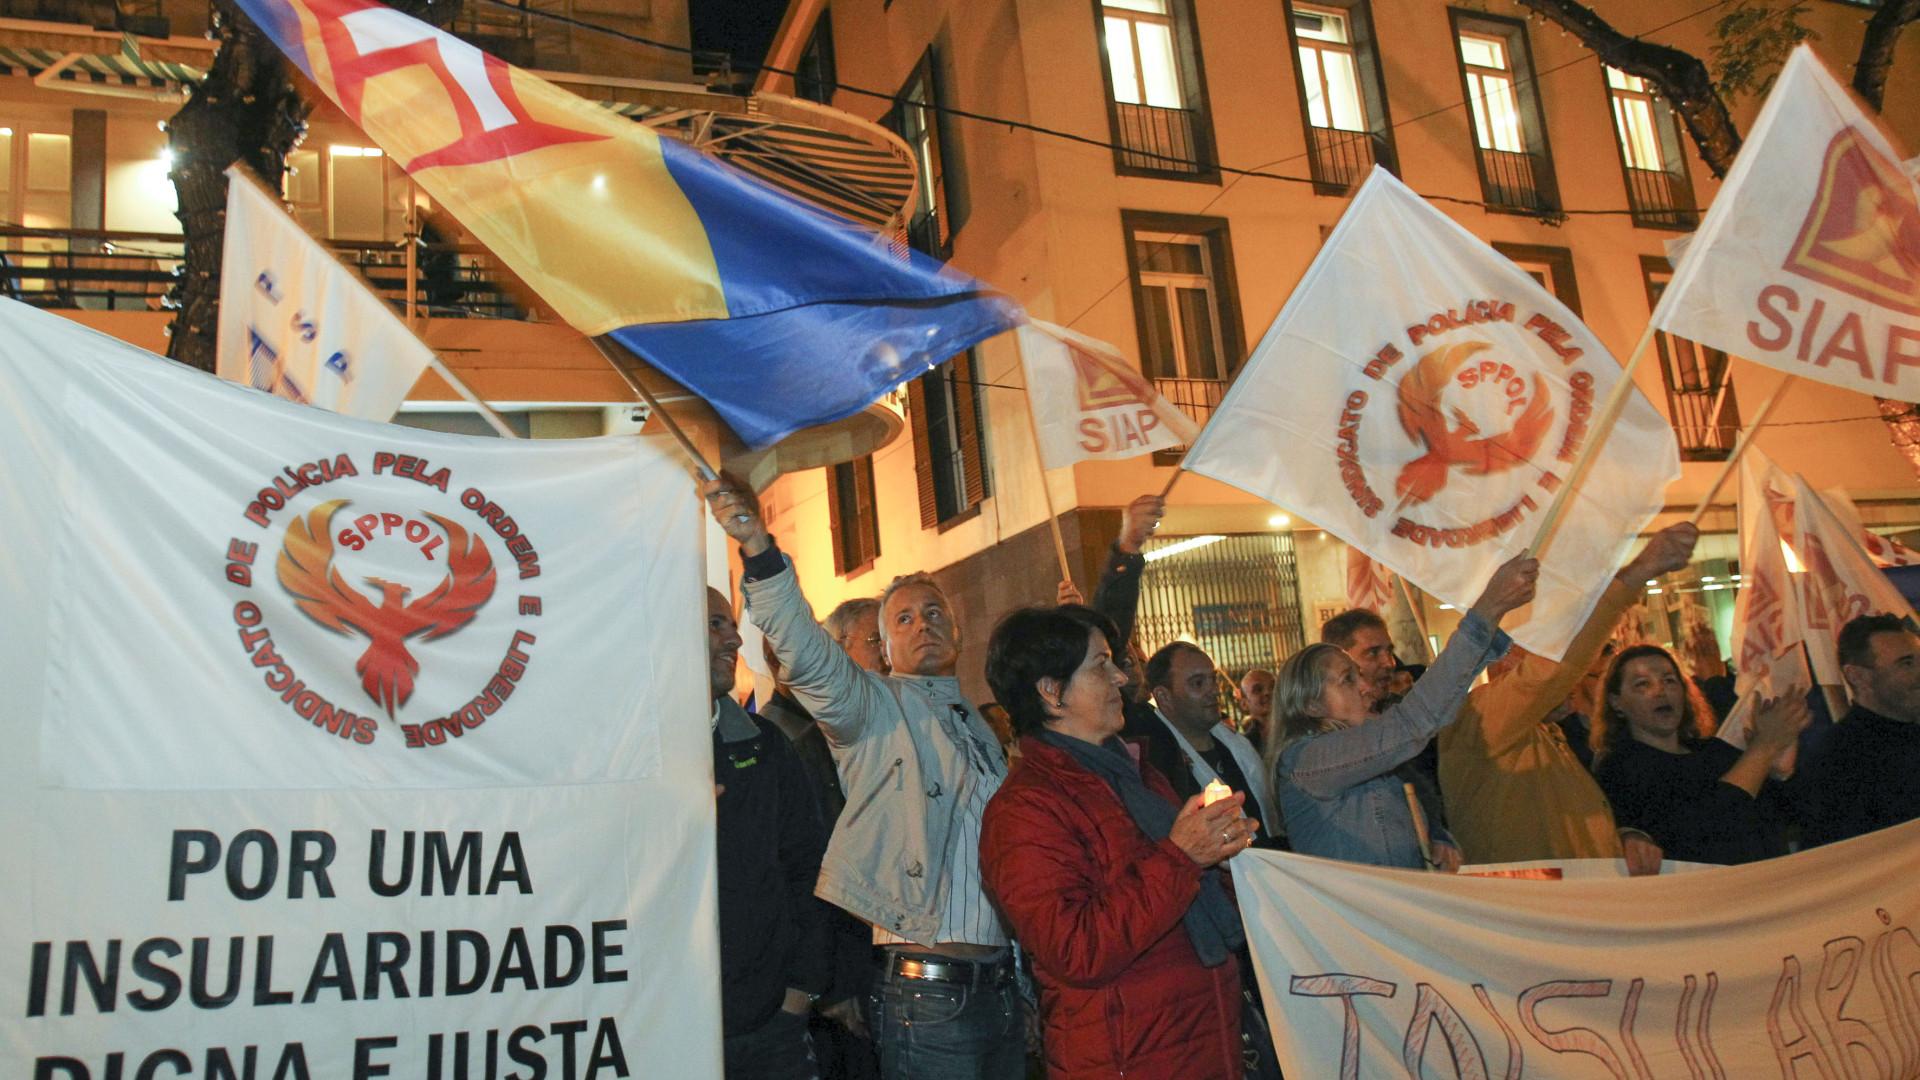 Forças de segurança manifestam-se para exigir subsídio de insularidade